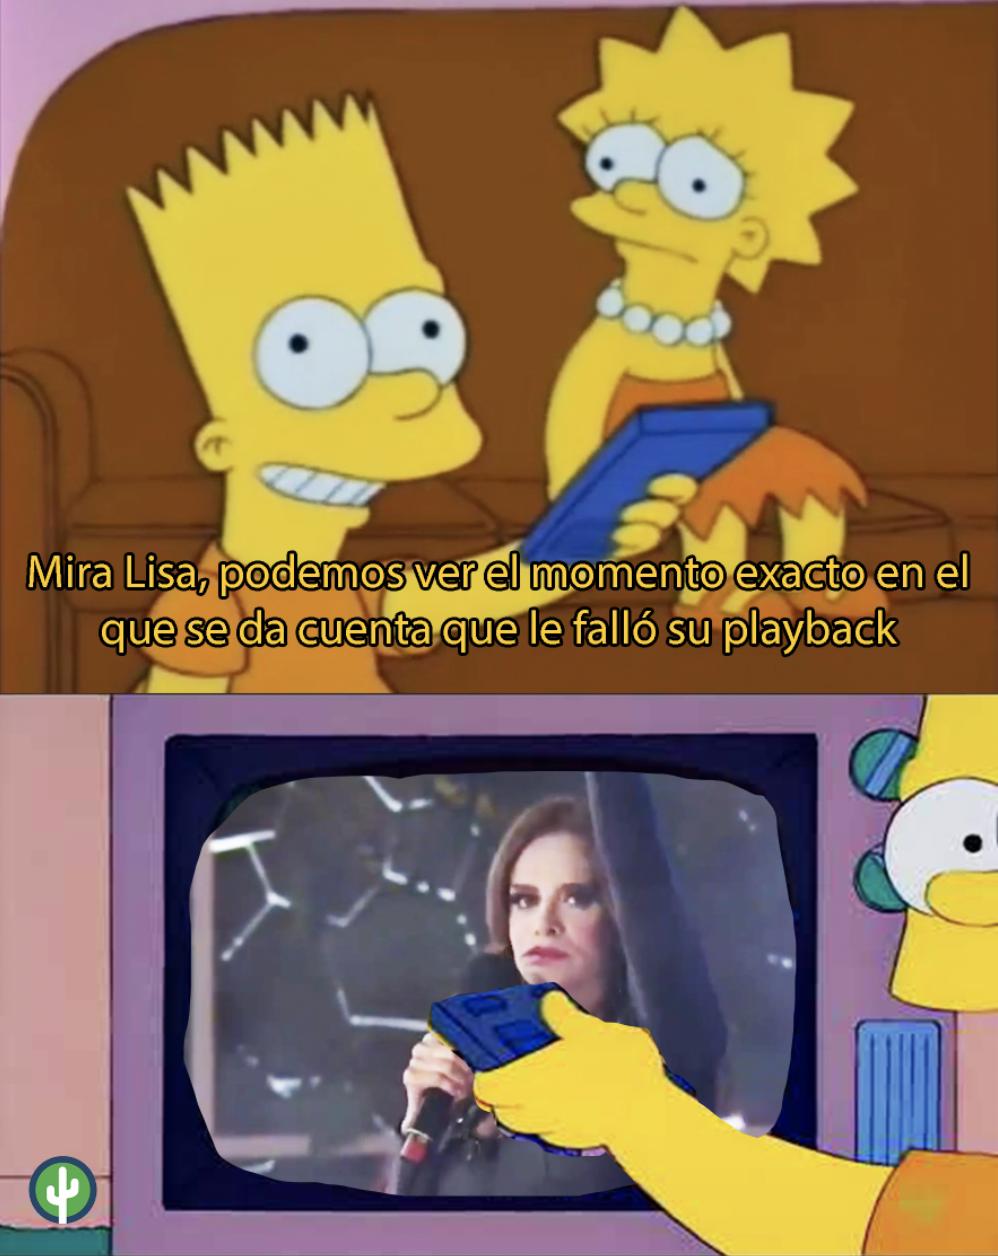 Lucía Méndez Playback meme